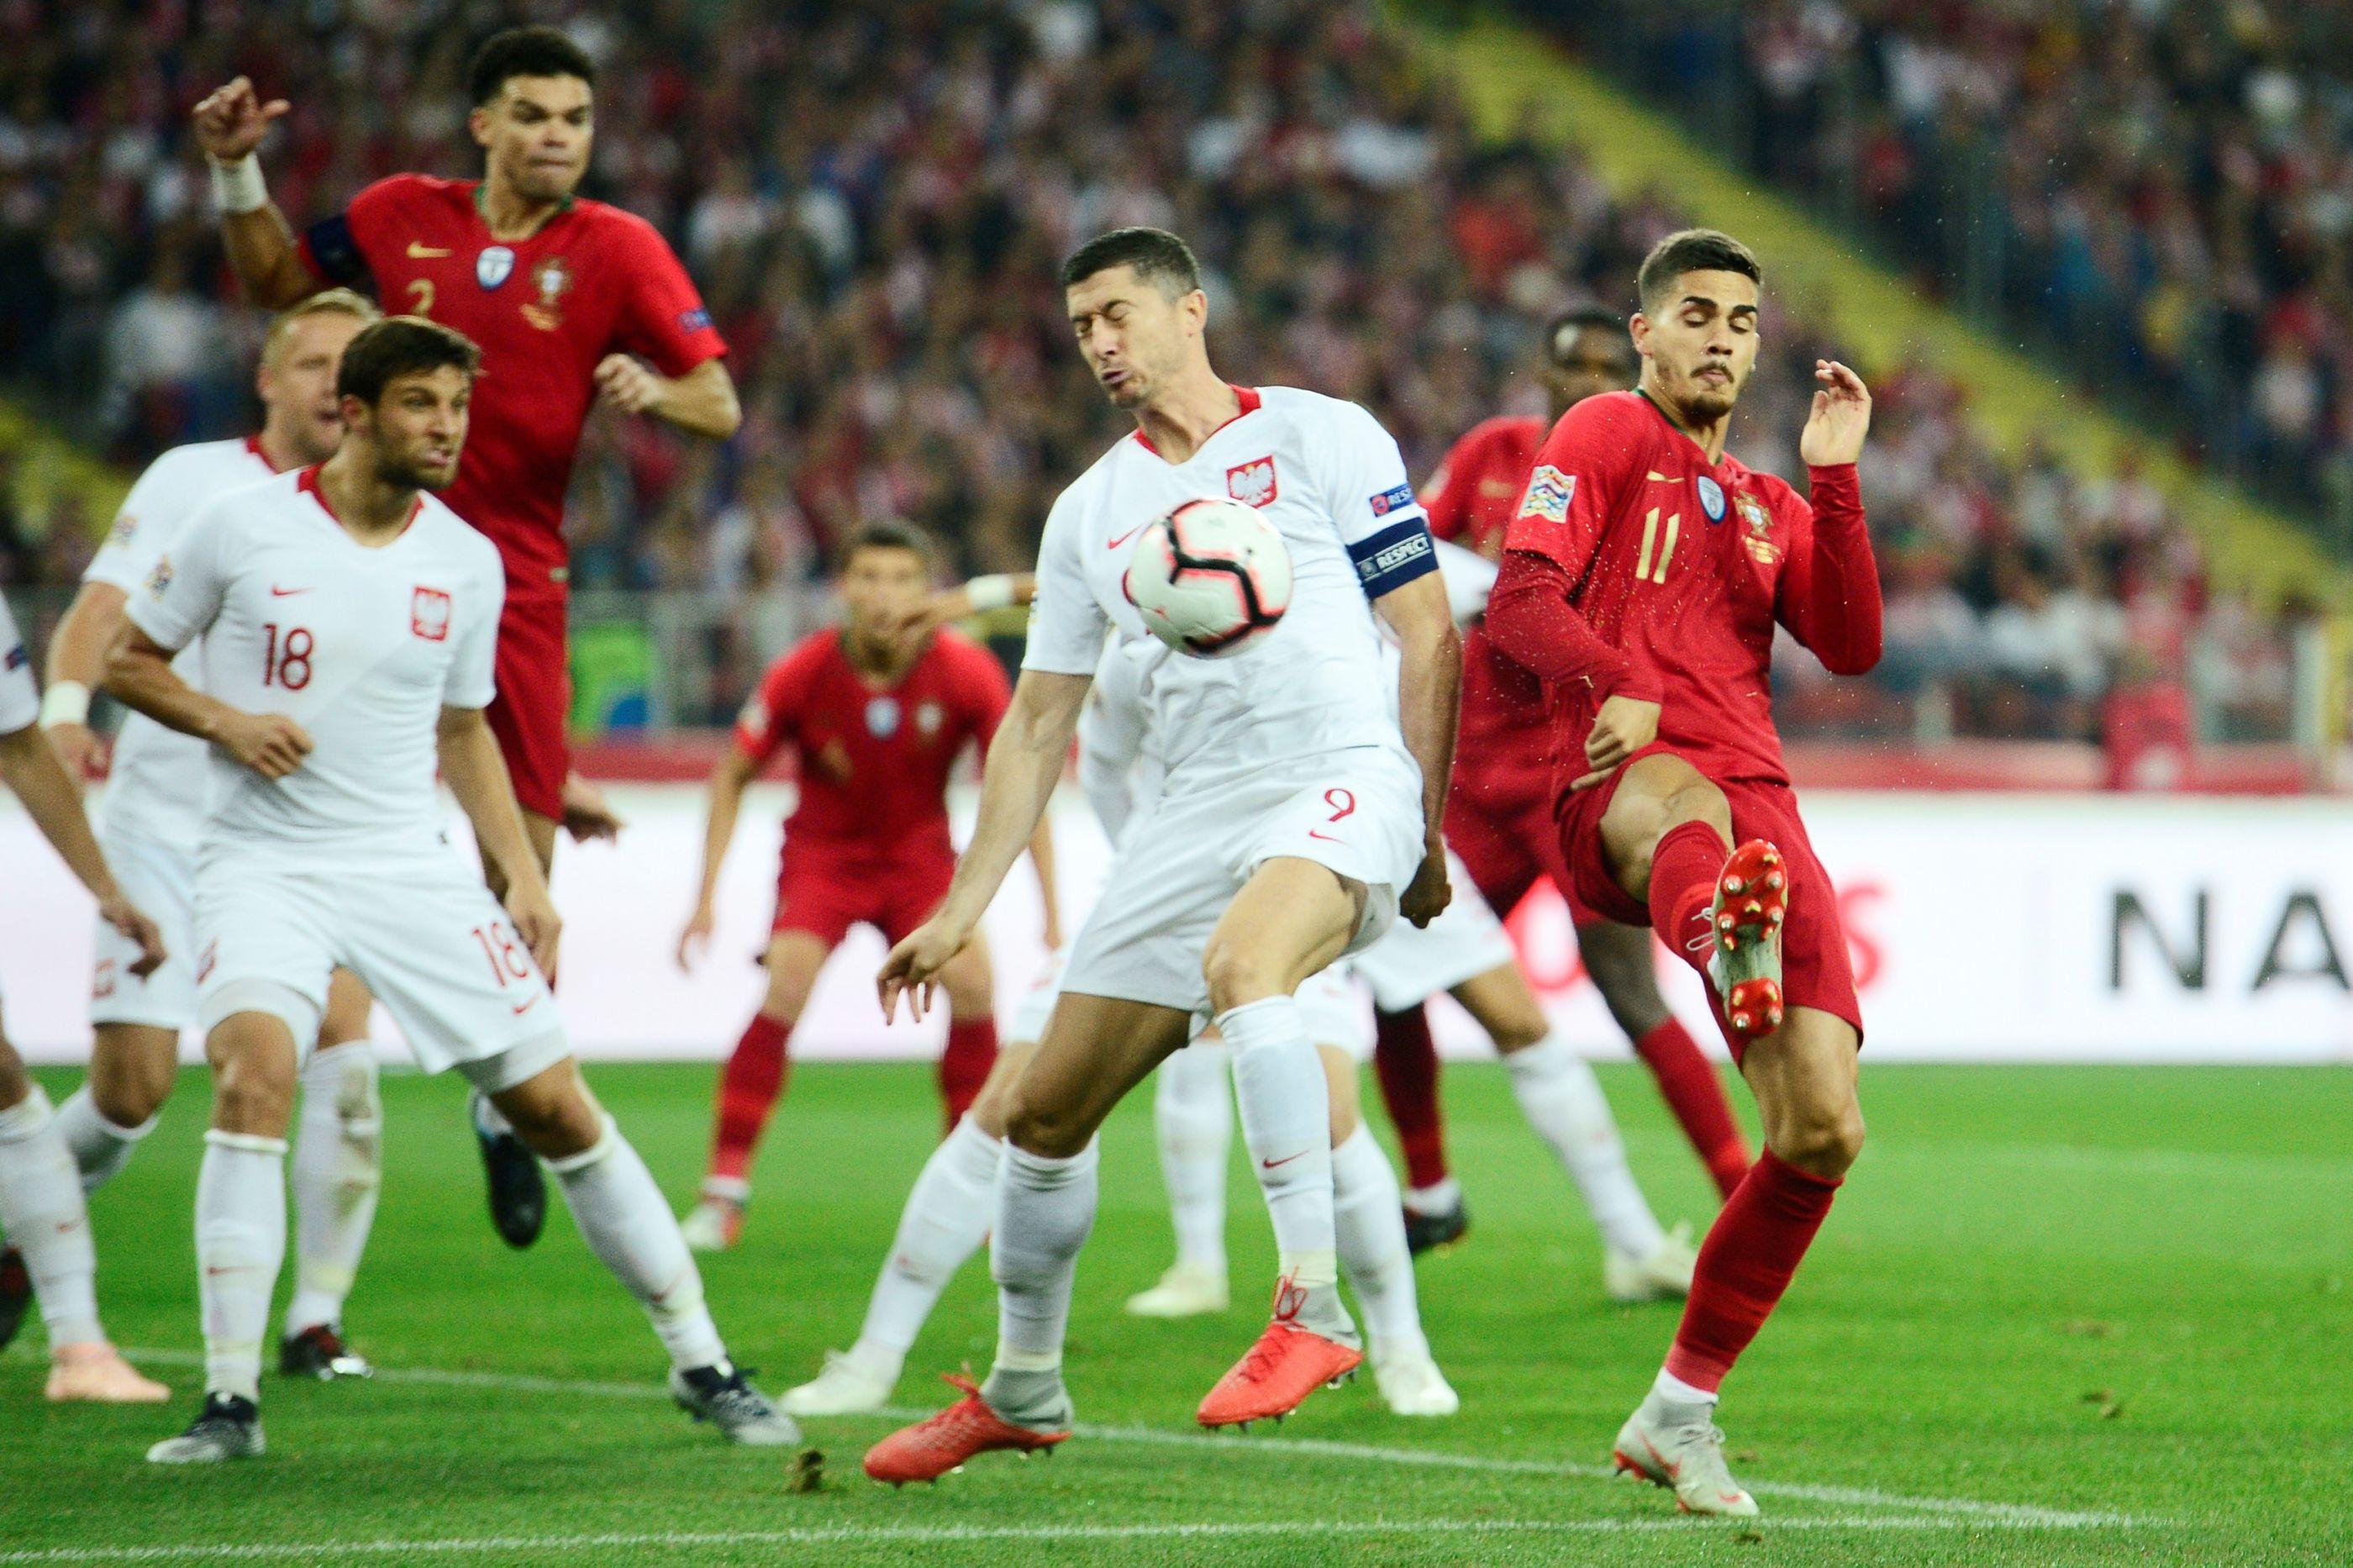 [2-3] Polónia reduz a desvantagem!